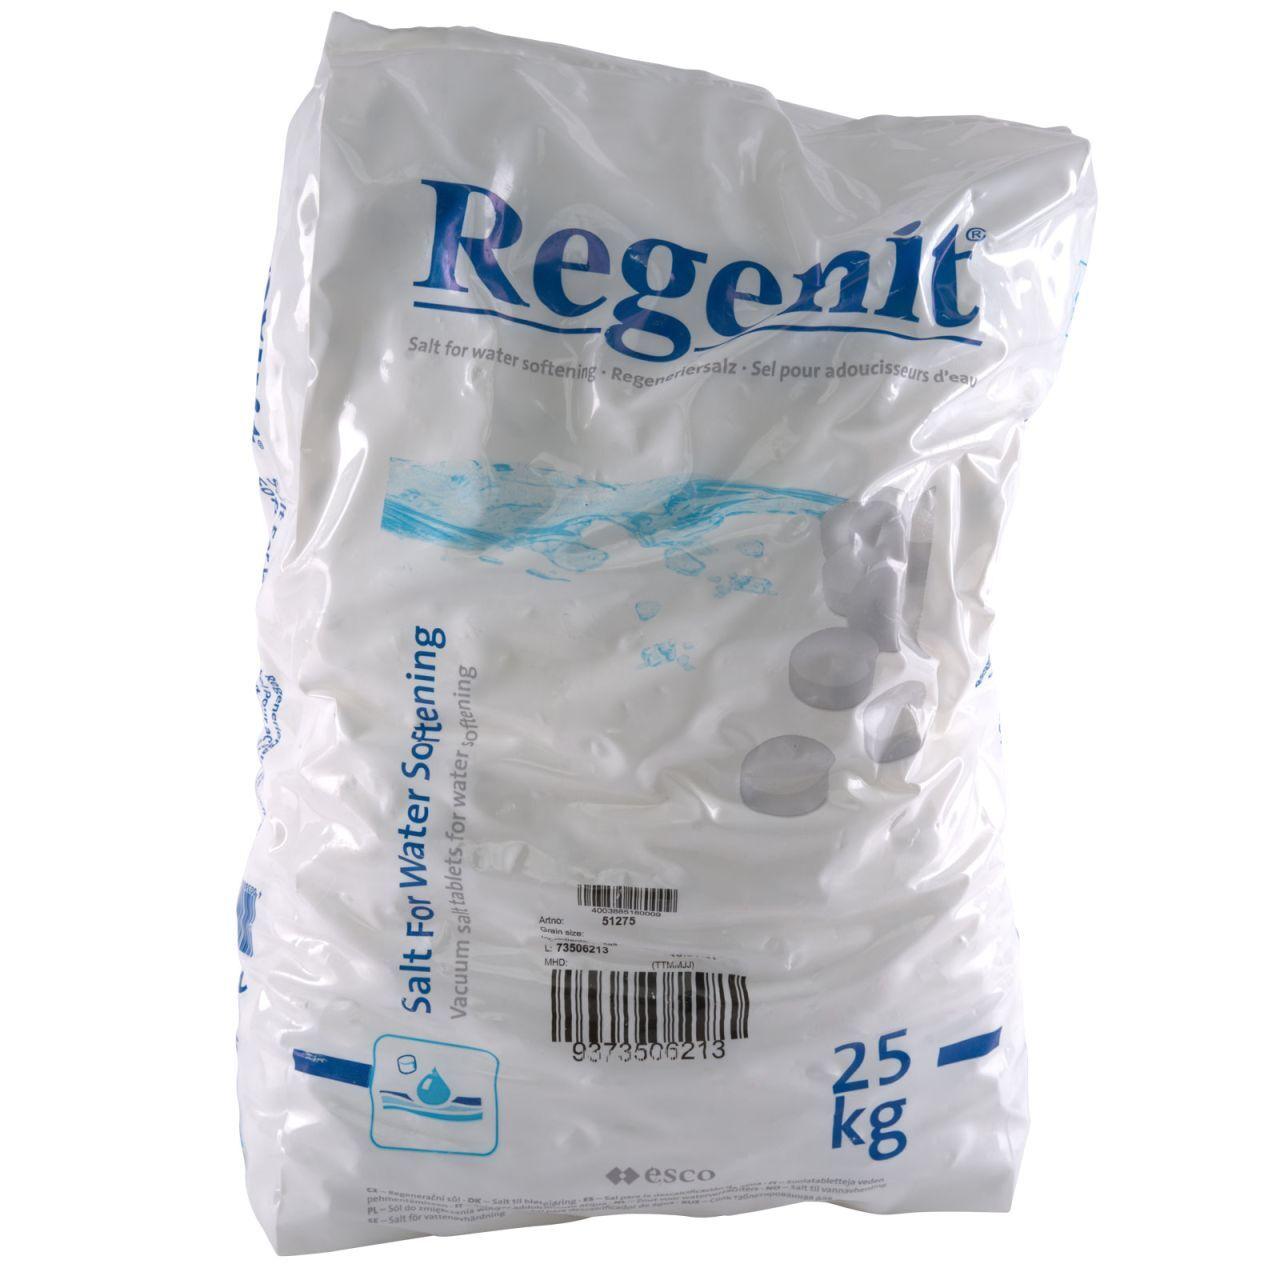 Regenit 50 kg Tablettes de sel raffiné Regenit® pour la régénération des adoucisseurs...